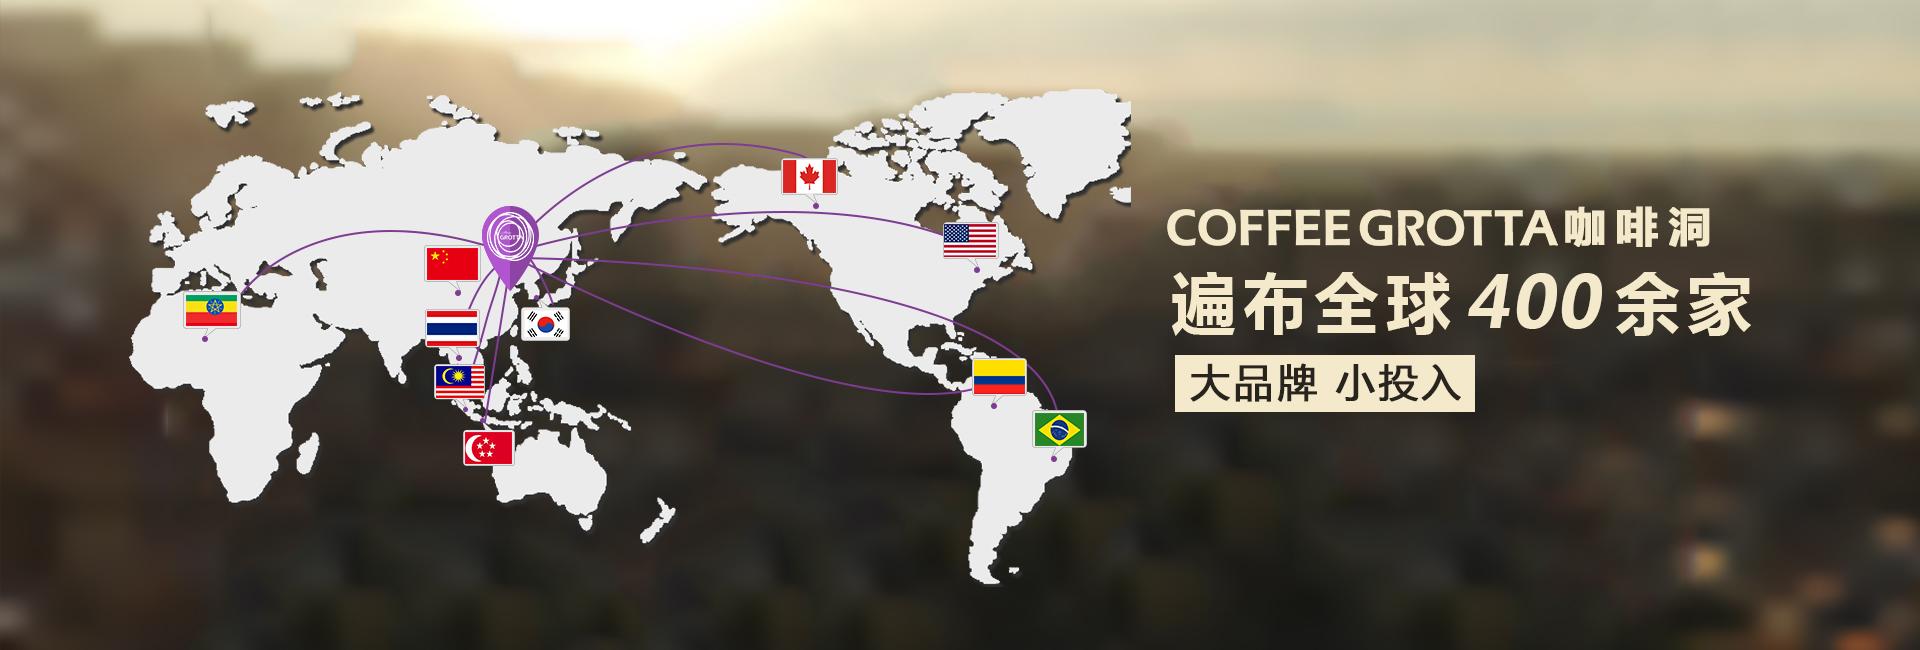 咖啡洞遍布全球